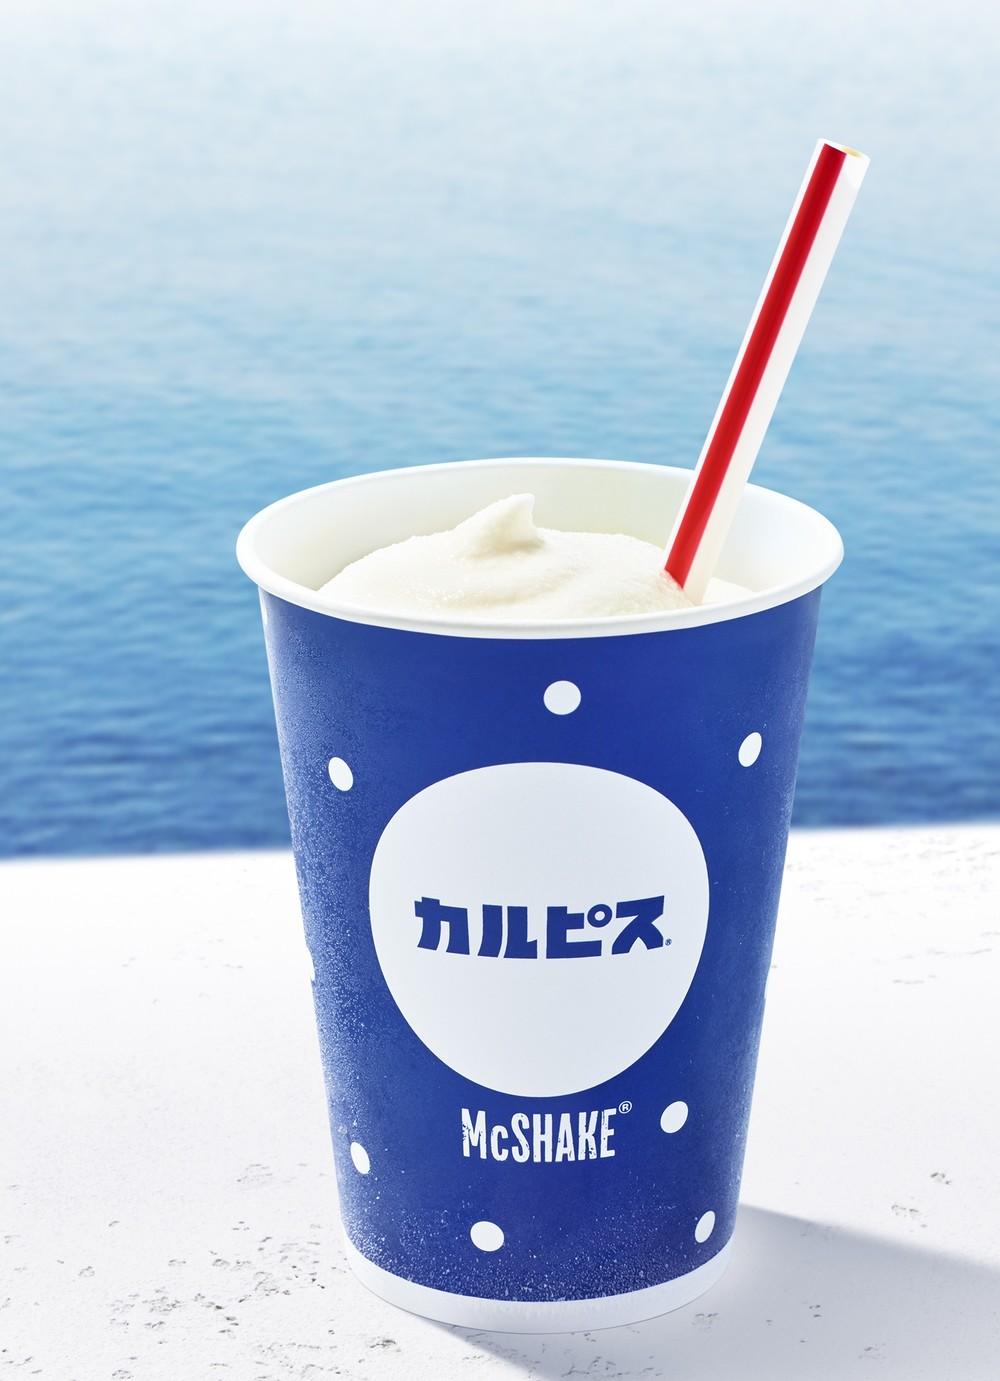 国民的飲料カルピス、マックシェイクと初コラボ 「日本の夏ドリンク」を決める投票も実施中!!